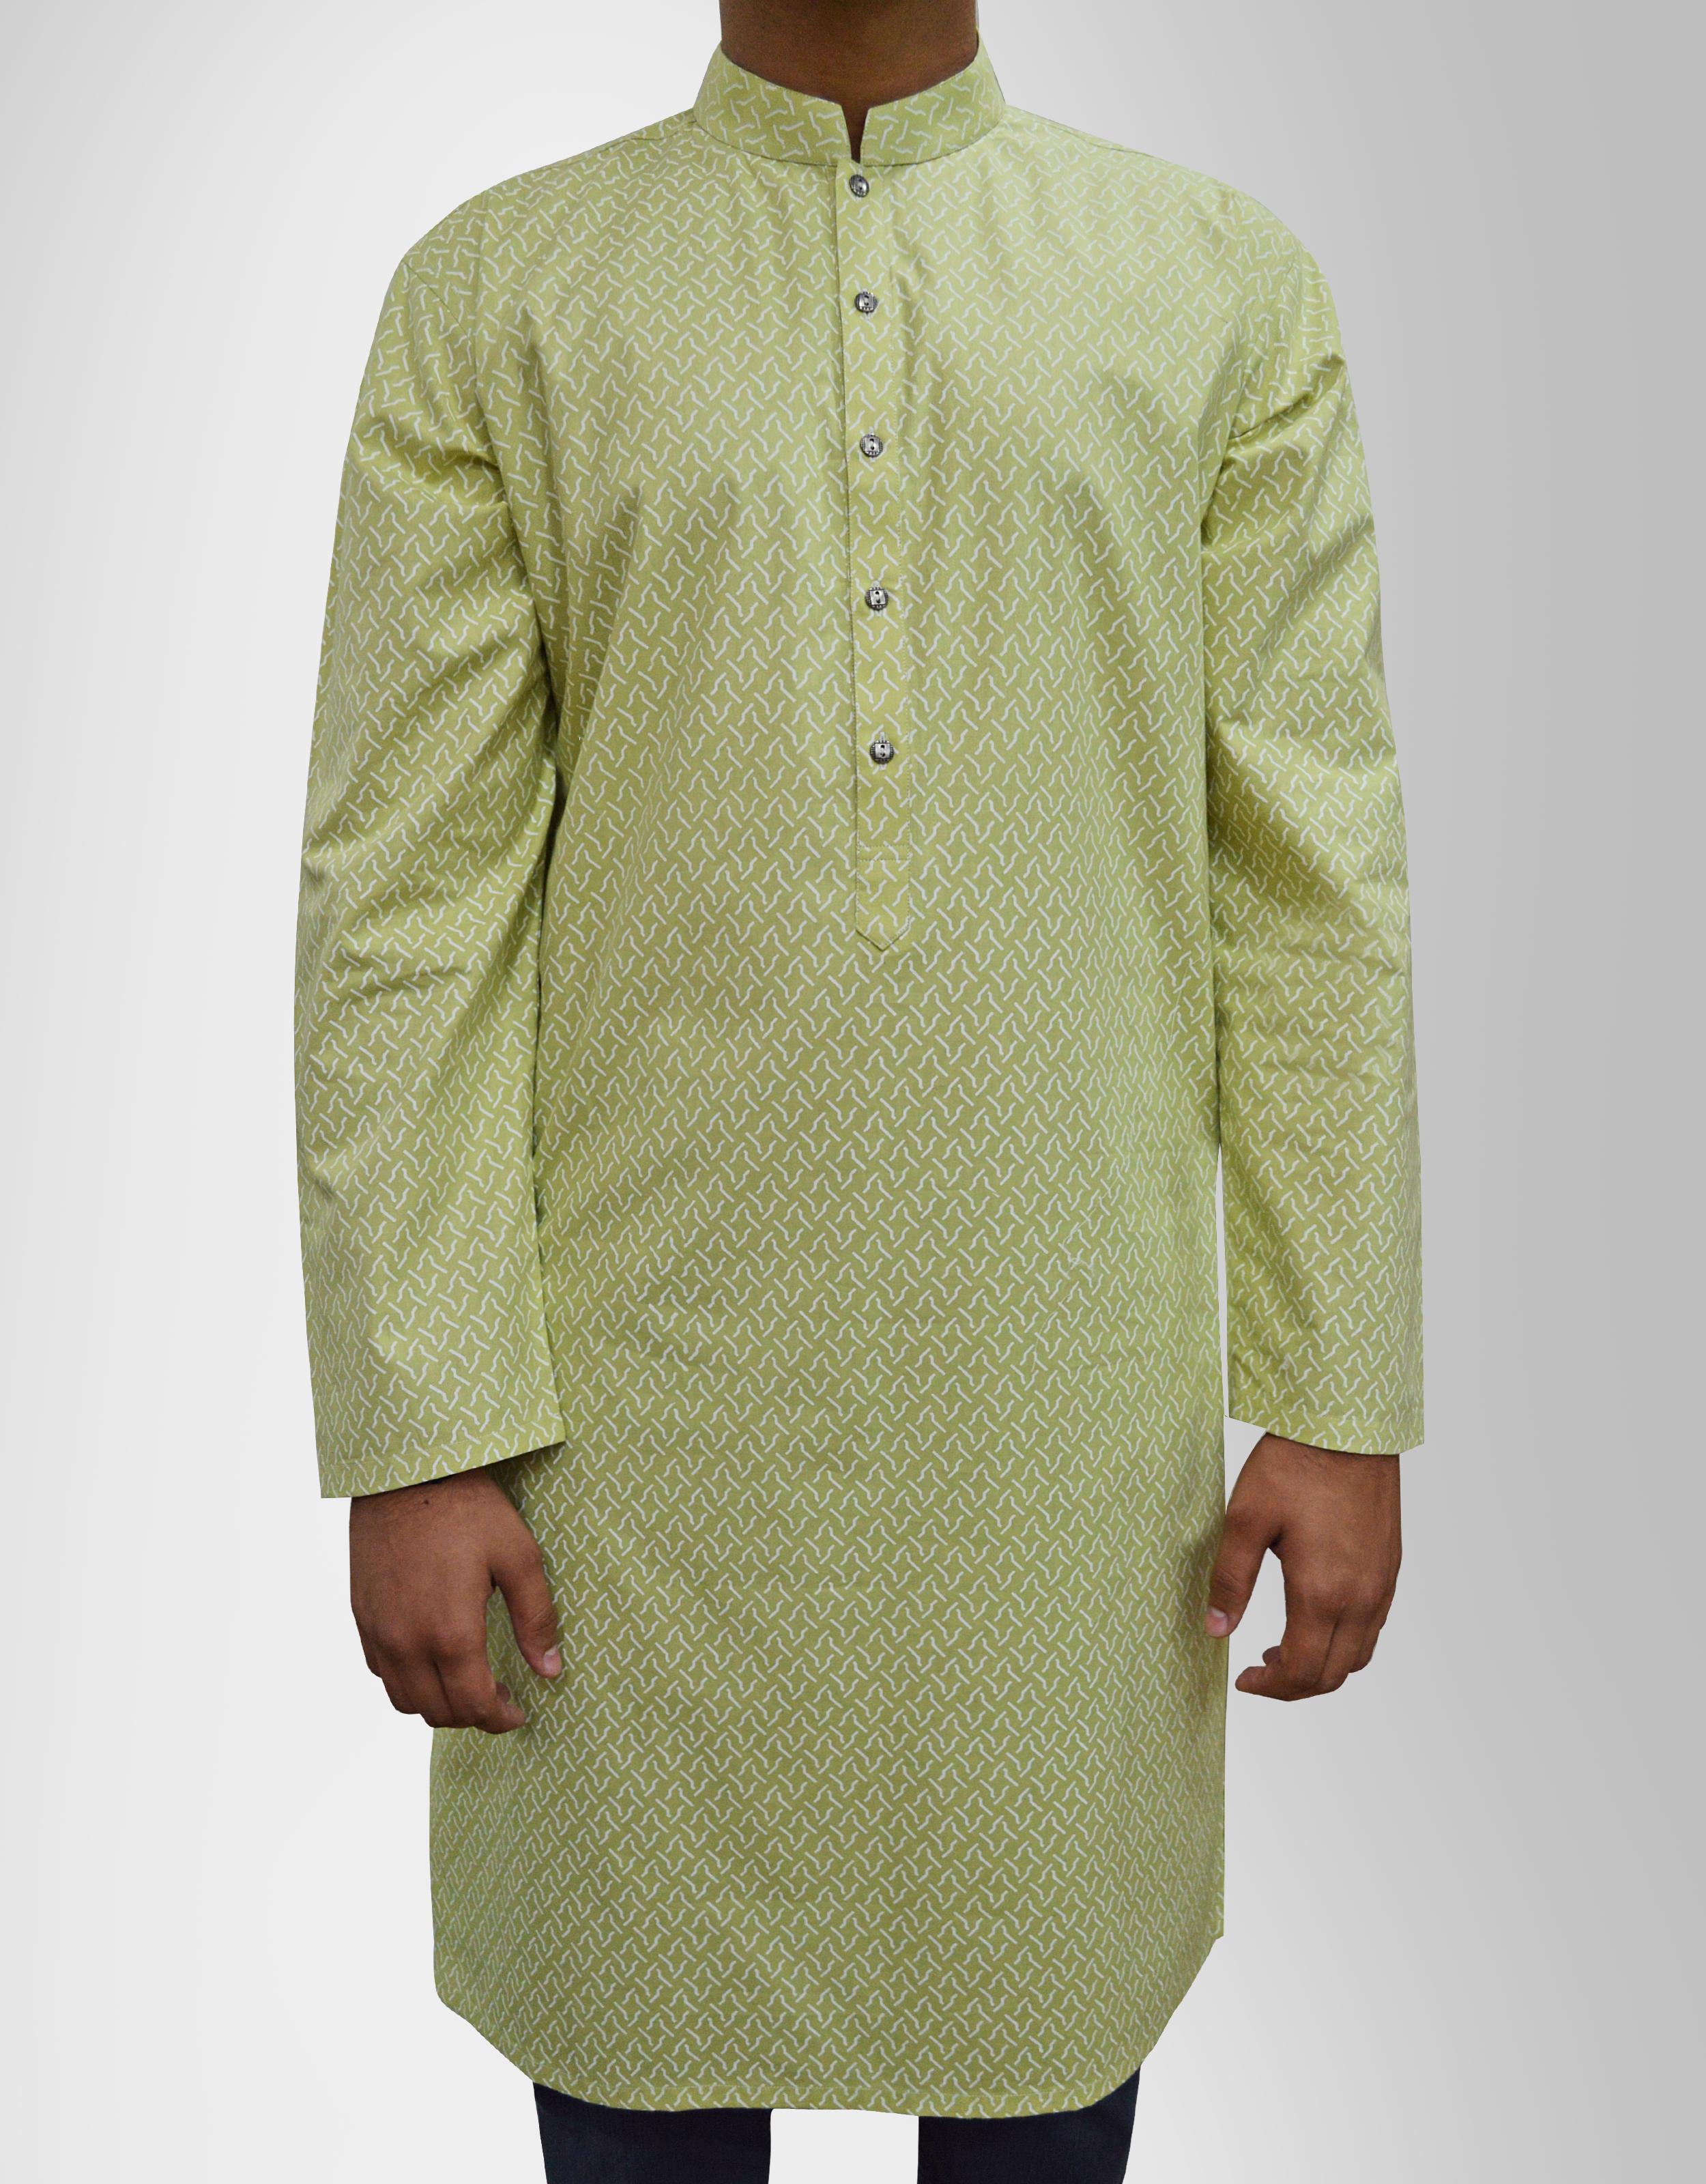 Amir-Adnan-winter-collection (3)